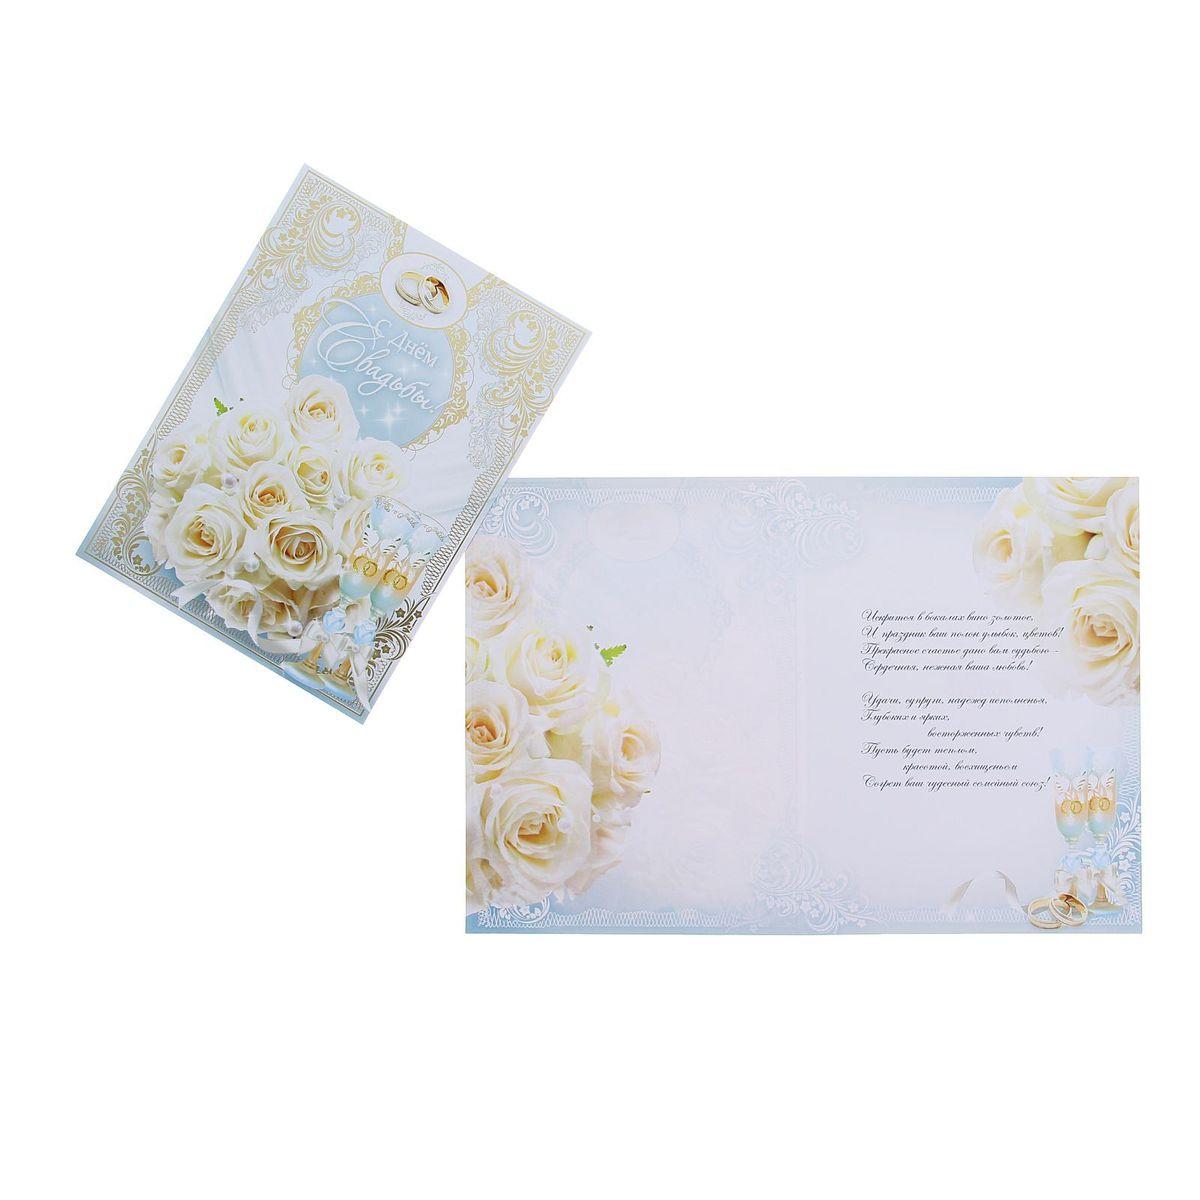 Открытка Атмосфера праздника С днем свадьбы! Белые цветы1132052Если вы хотите порадовать себя или близких, создать праздничное настроение и с улыбкой провести памятный день, то вы, несомненно, сделали правильный выбор! Открытка Атмосфера праздника С днем свадьбы! Белые цветы, выполненная из плотной бумаги, отличается не только оригинальным дизайном, но и высоким качеством. Лицевая сторона изделия оформлена ярким изображением. Внутри открытка содержит текст с поздравлением. Такая открытка непременно порадует получателя и станет отличным напоминанием о проведенном вместе времени.